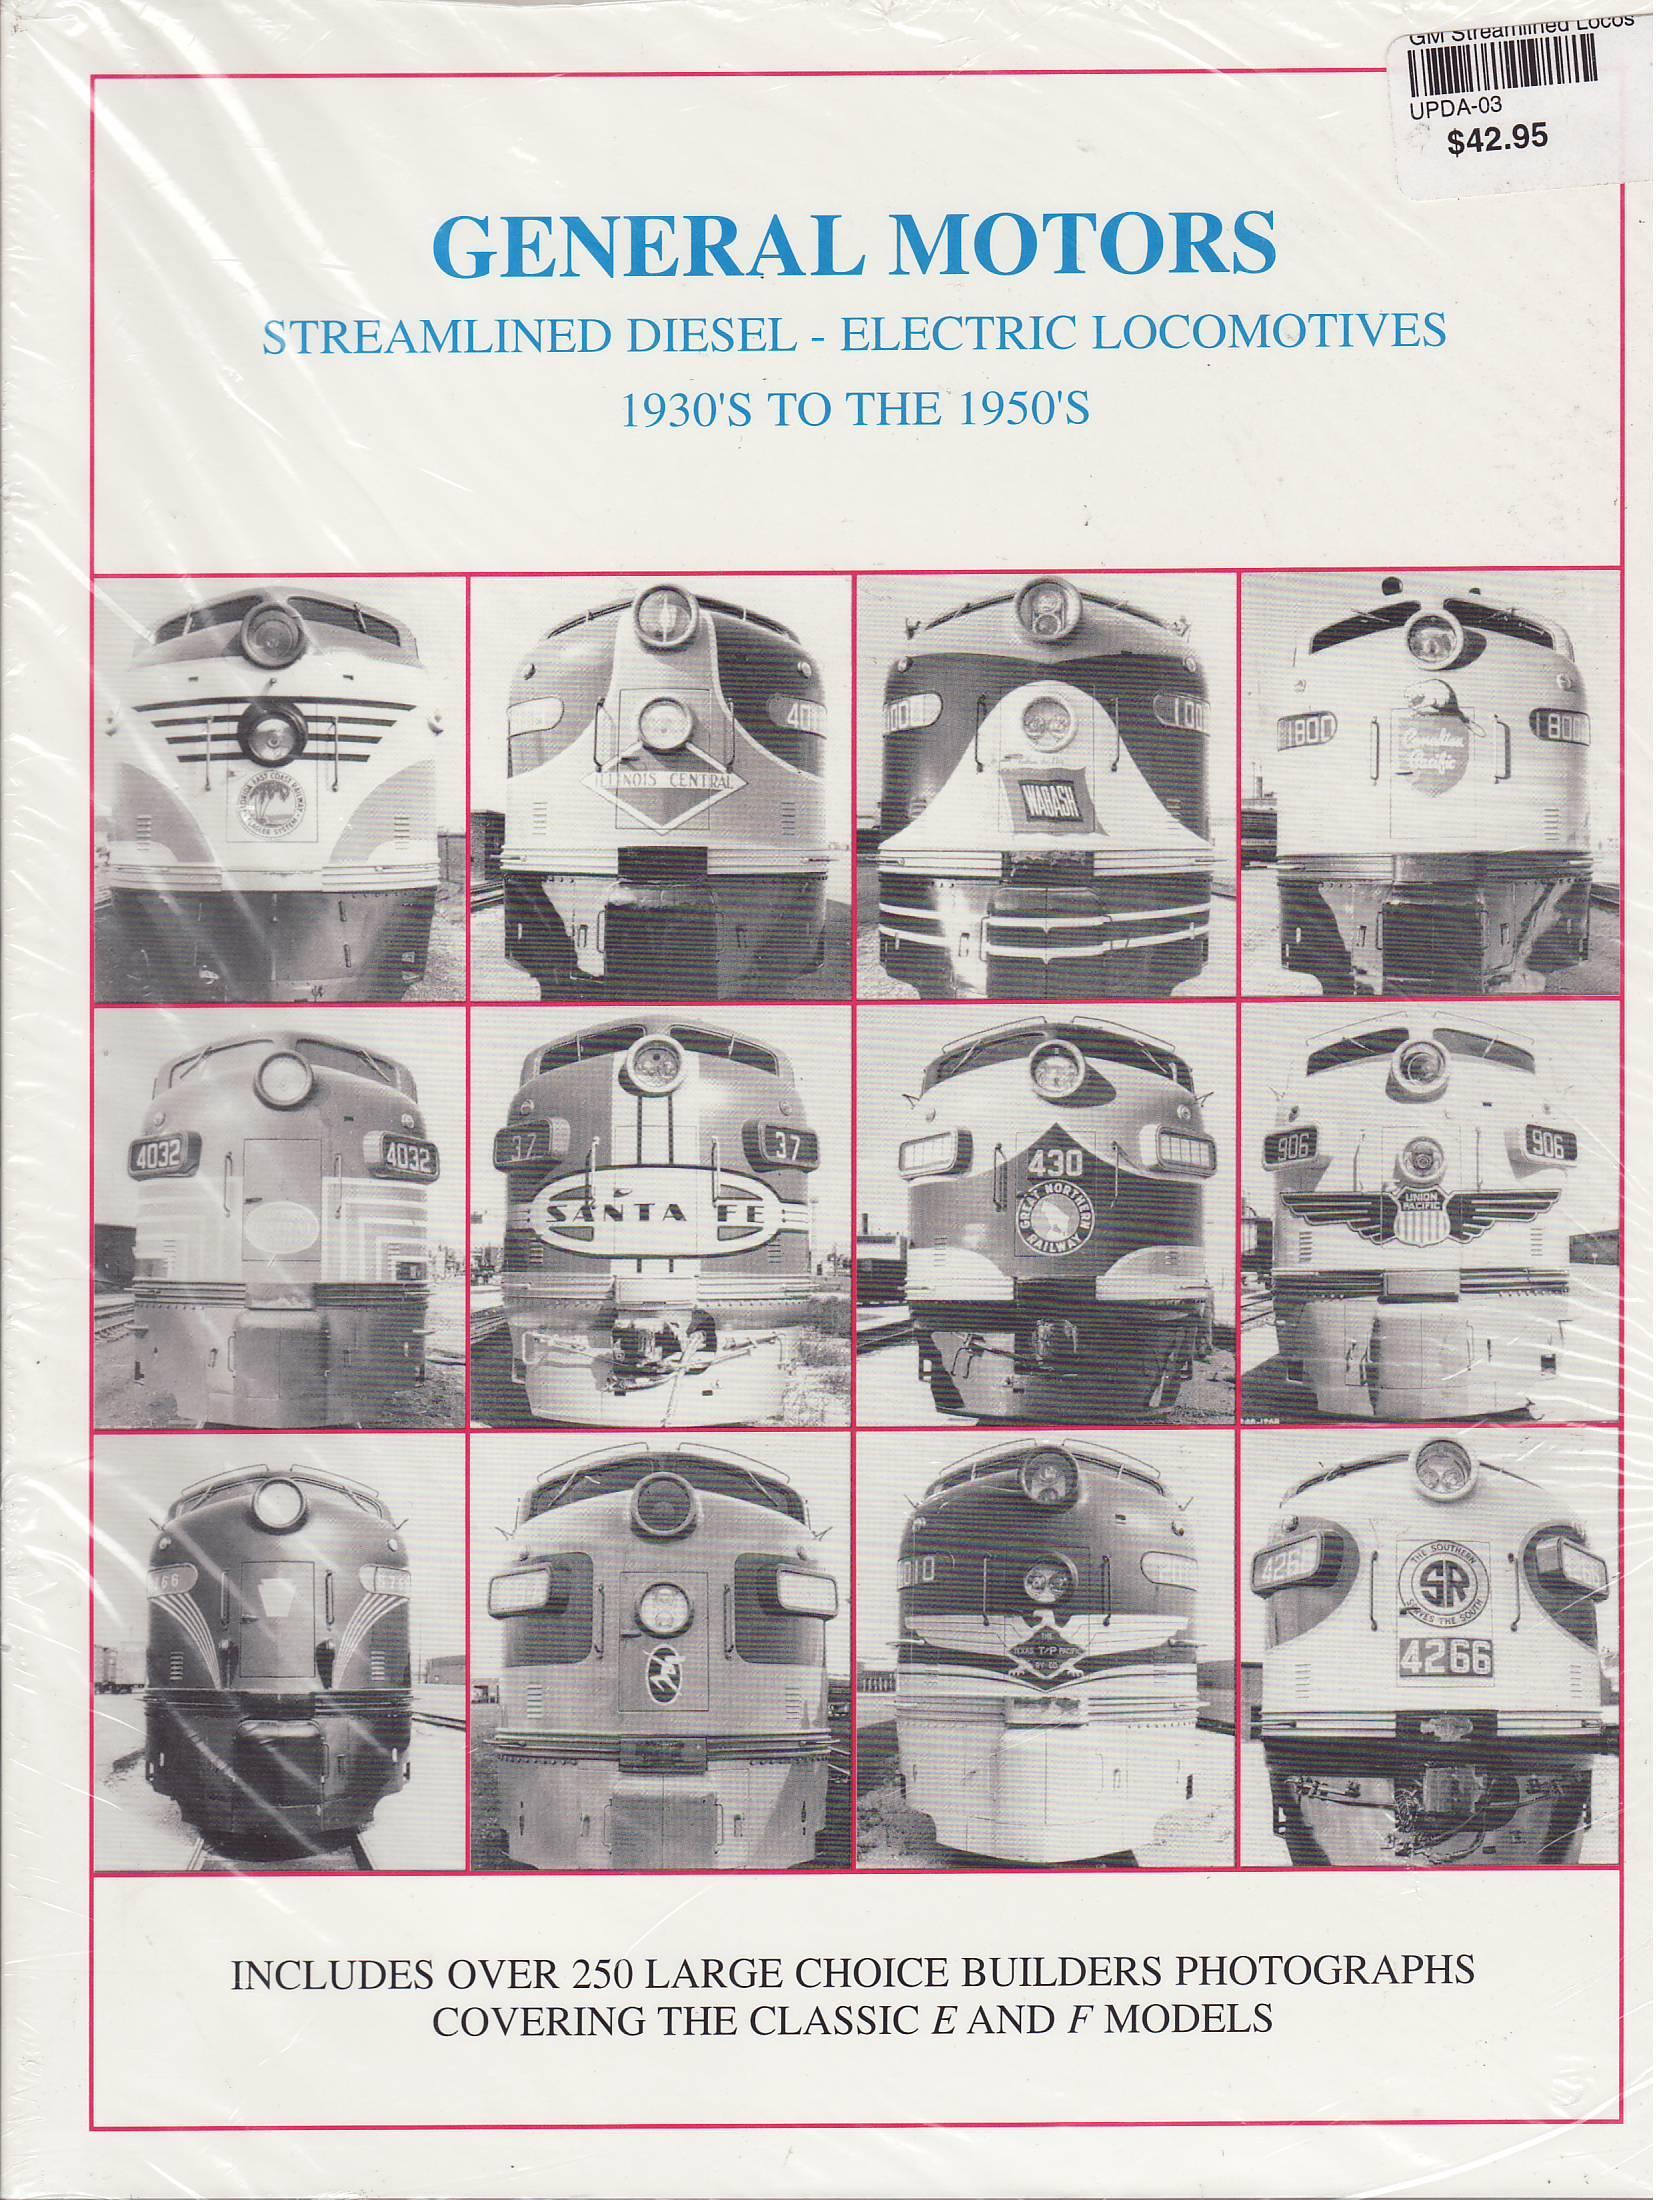 General Motors Streamlined Diesel - Electric